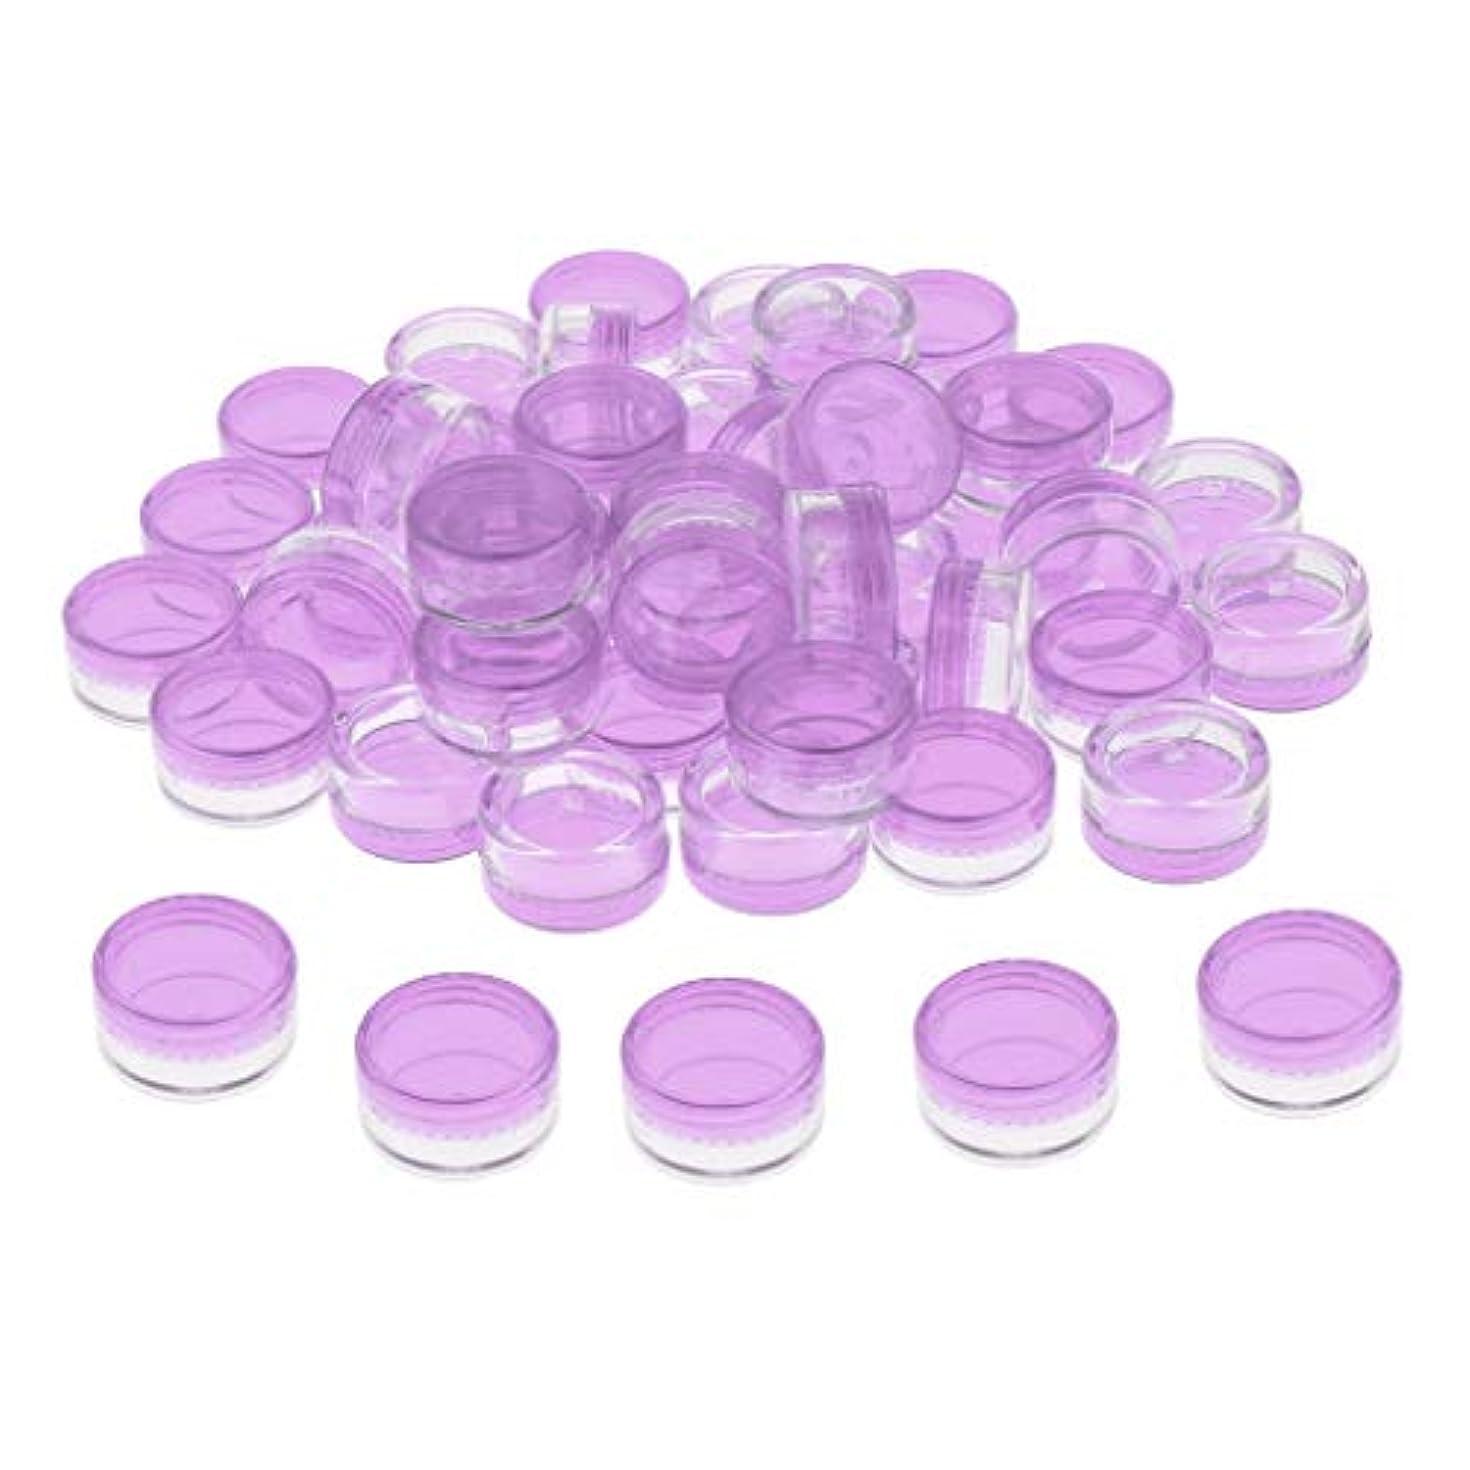 分類珍味永続化粧品ボトル クリームケース ジャーポット 小分け 5G 詰め替え容器 化粧瓶 収納ケース 約50個 - クリア